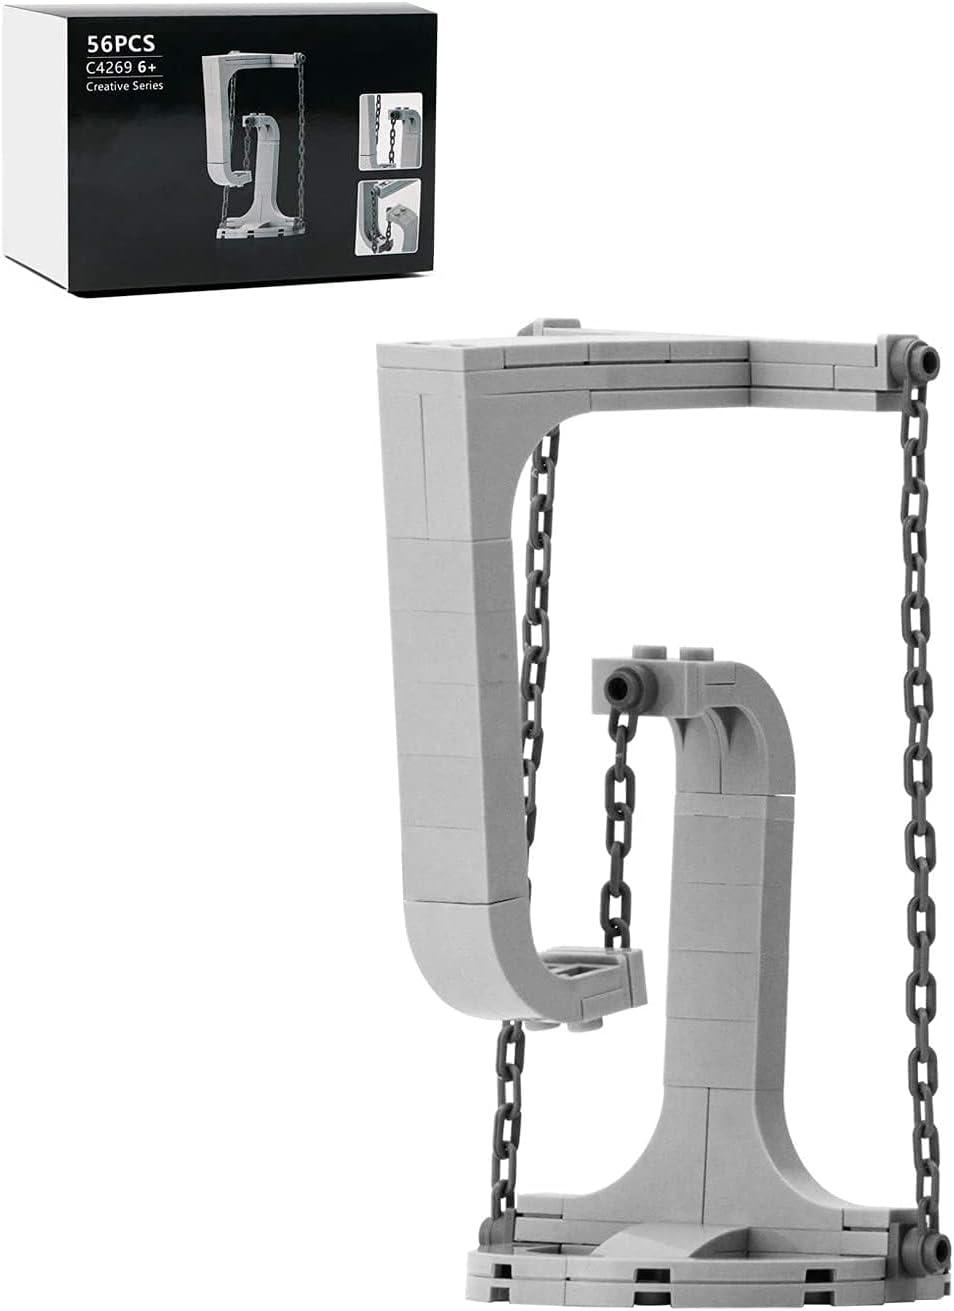 Tensegrity esculturas bloques de construcción antigravedad, nuevo equilibrio físico DIY ladrillos juguetes educación temprana montaje edificio para niños niños regalo - 56pcs